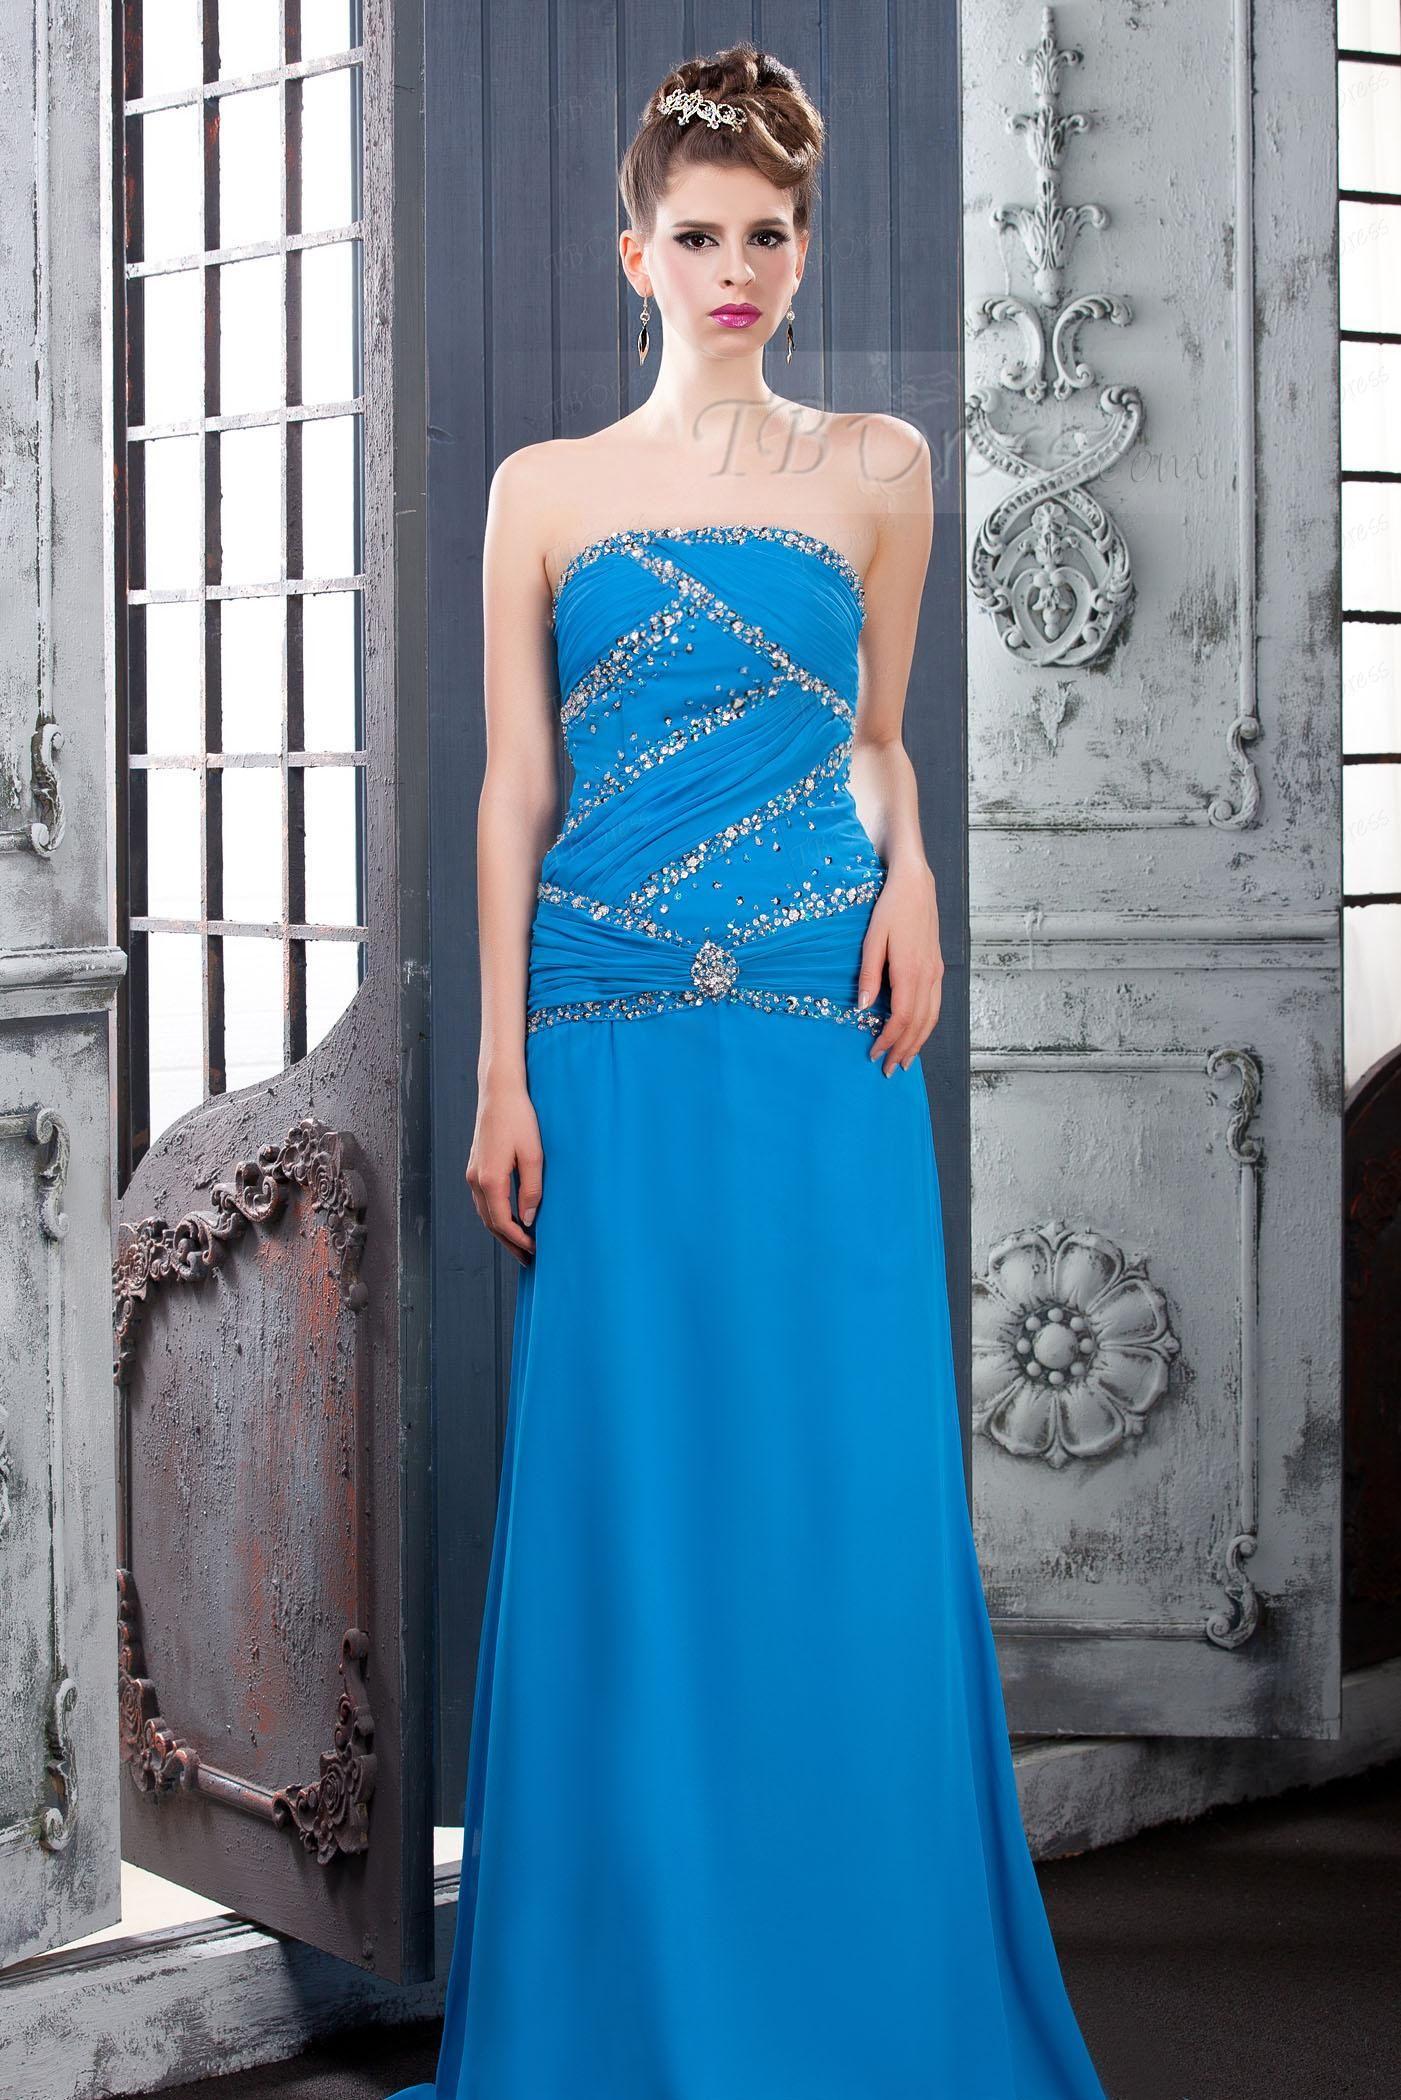 Luxurious Strapless Floorlength Lara's Evening Dress